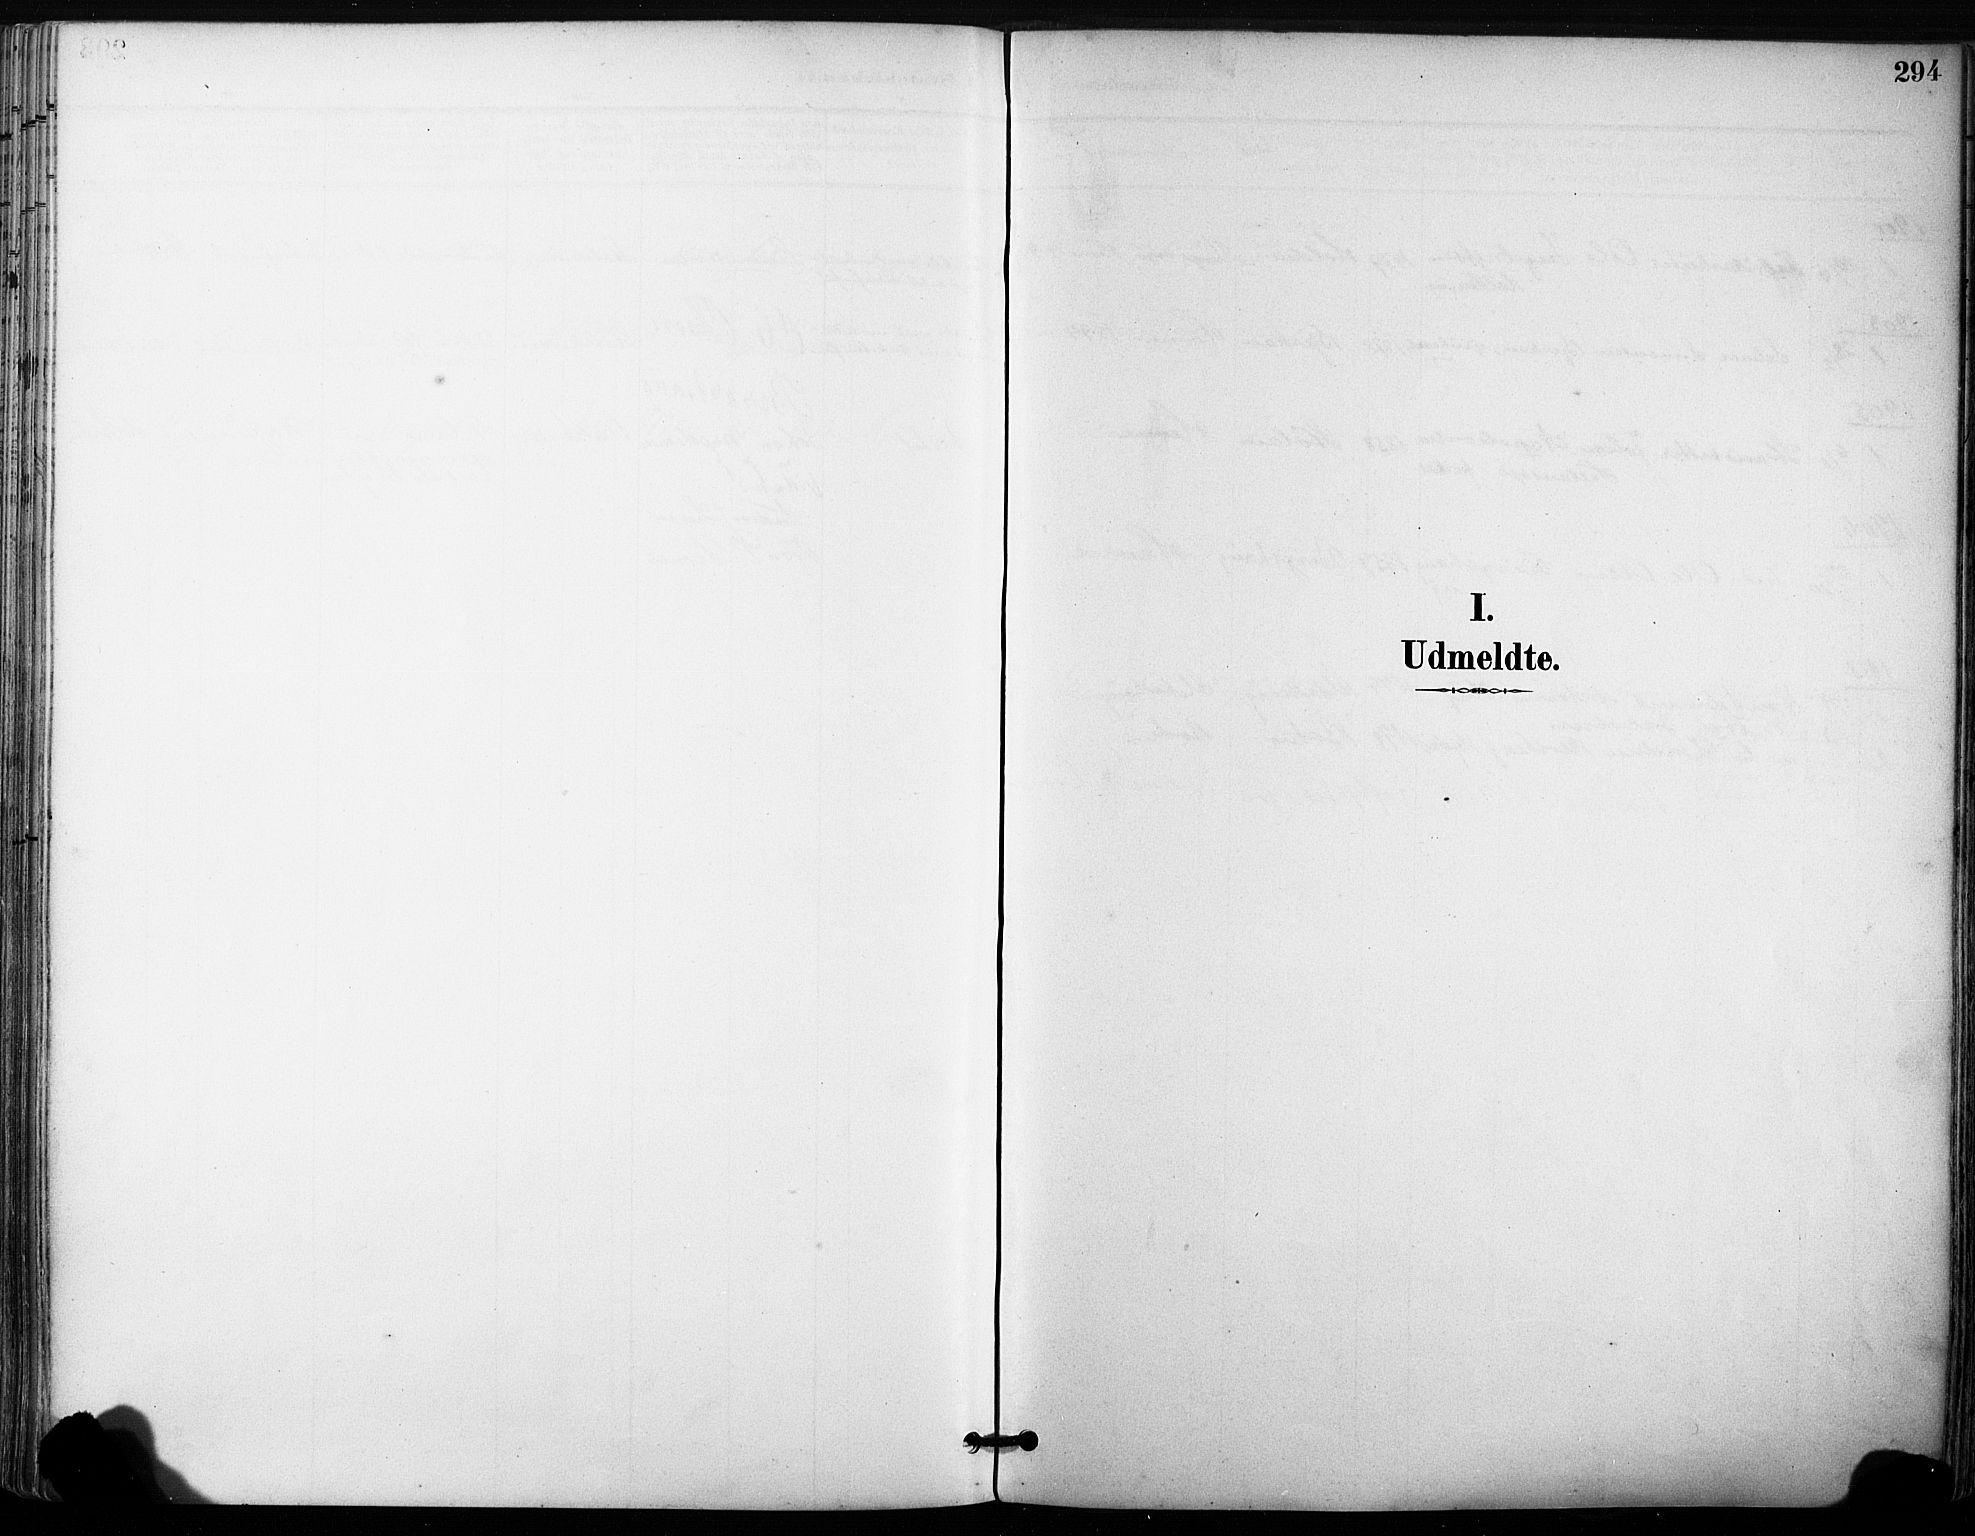 SAT, Ministerialprotokoller, klokkerbøker og fødselsregistre - Sør-Trøndelag, 630/L0497: Ministerialbok nr. 630A10, 1896-1910, s. 294